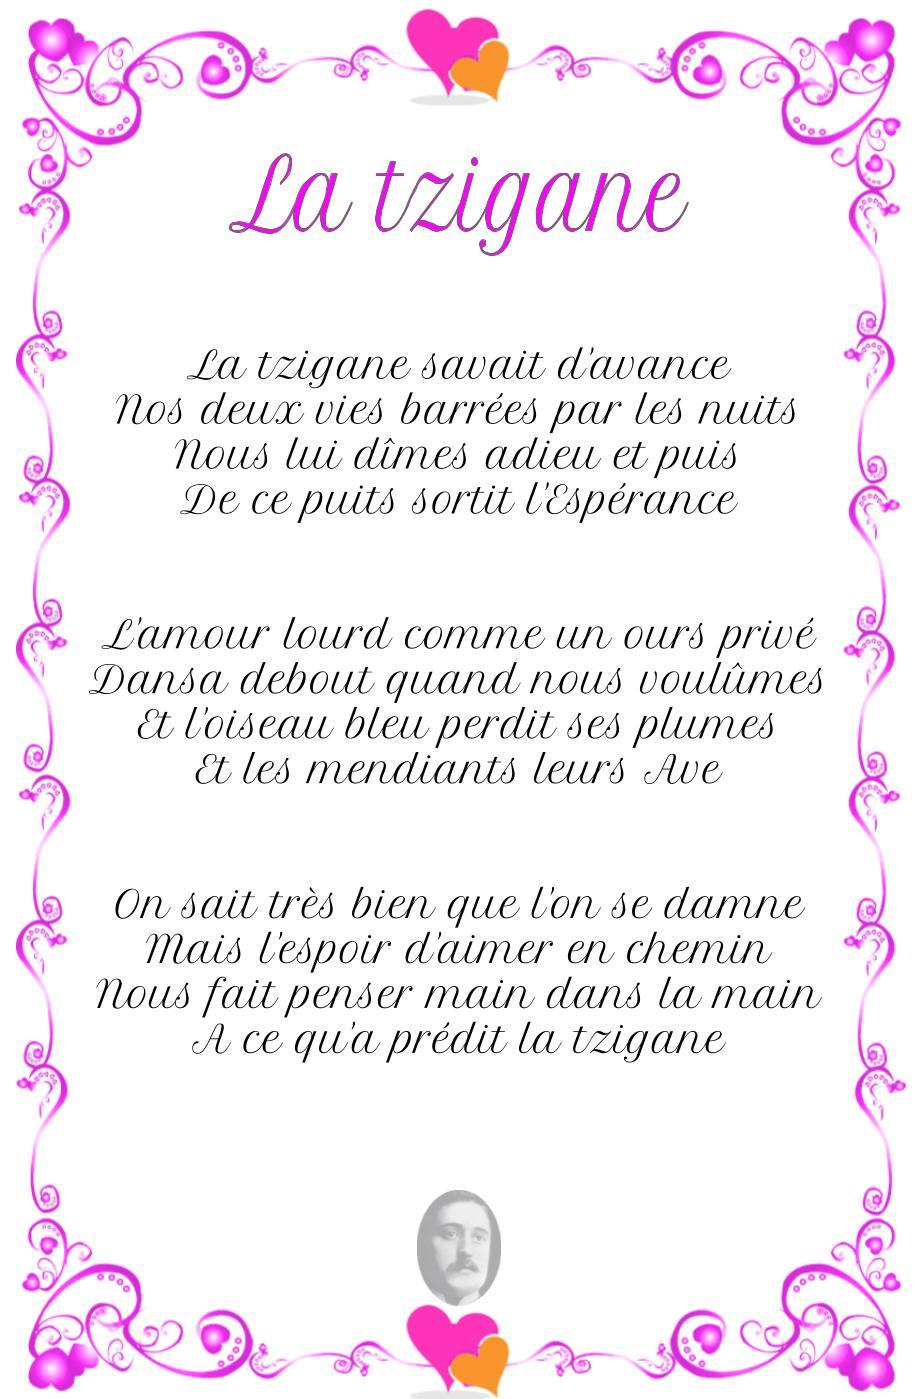 LA TZIGANE, poème de Guillaume Apollinaire